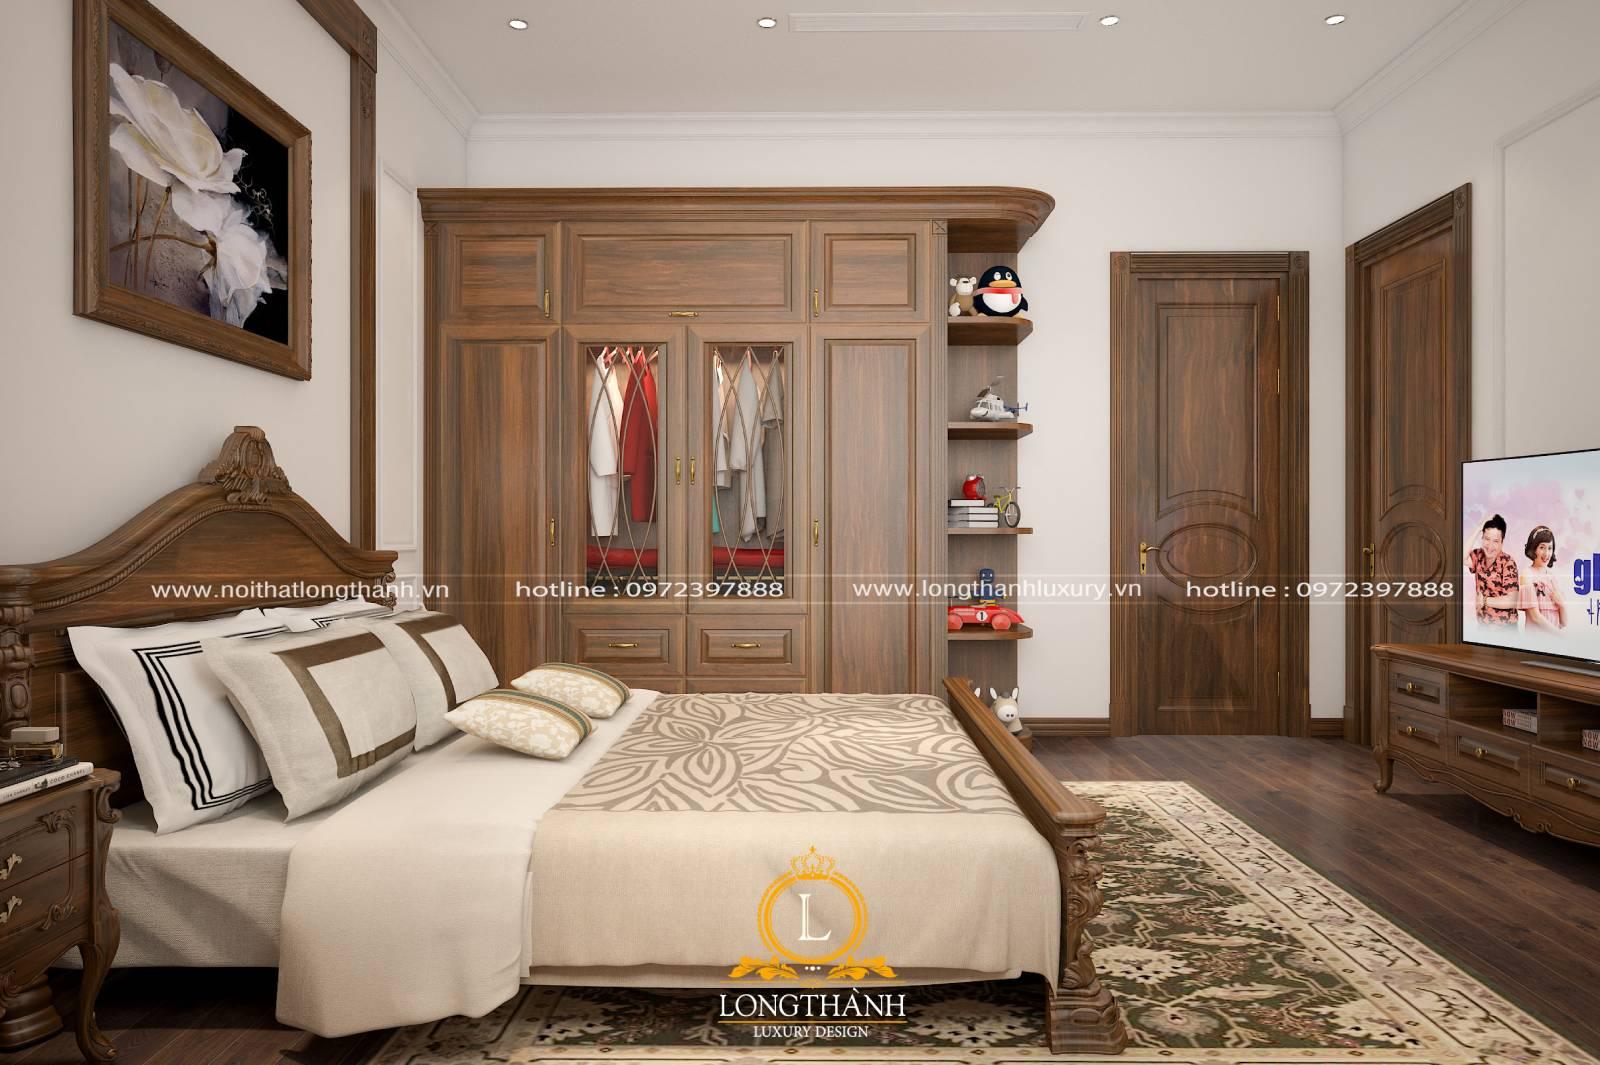 Lựa chọn cửa gỗ 1 cánh phù hợp với không gian